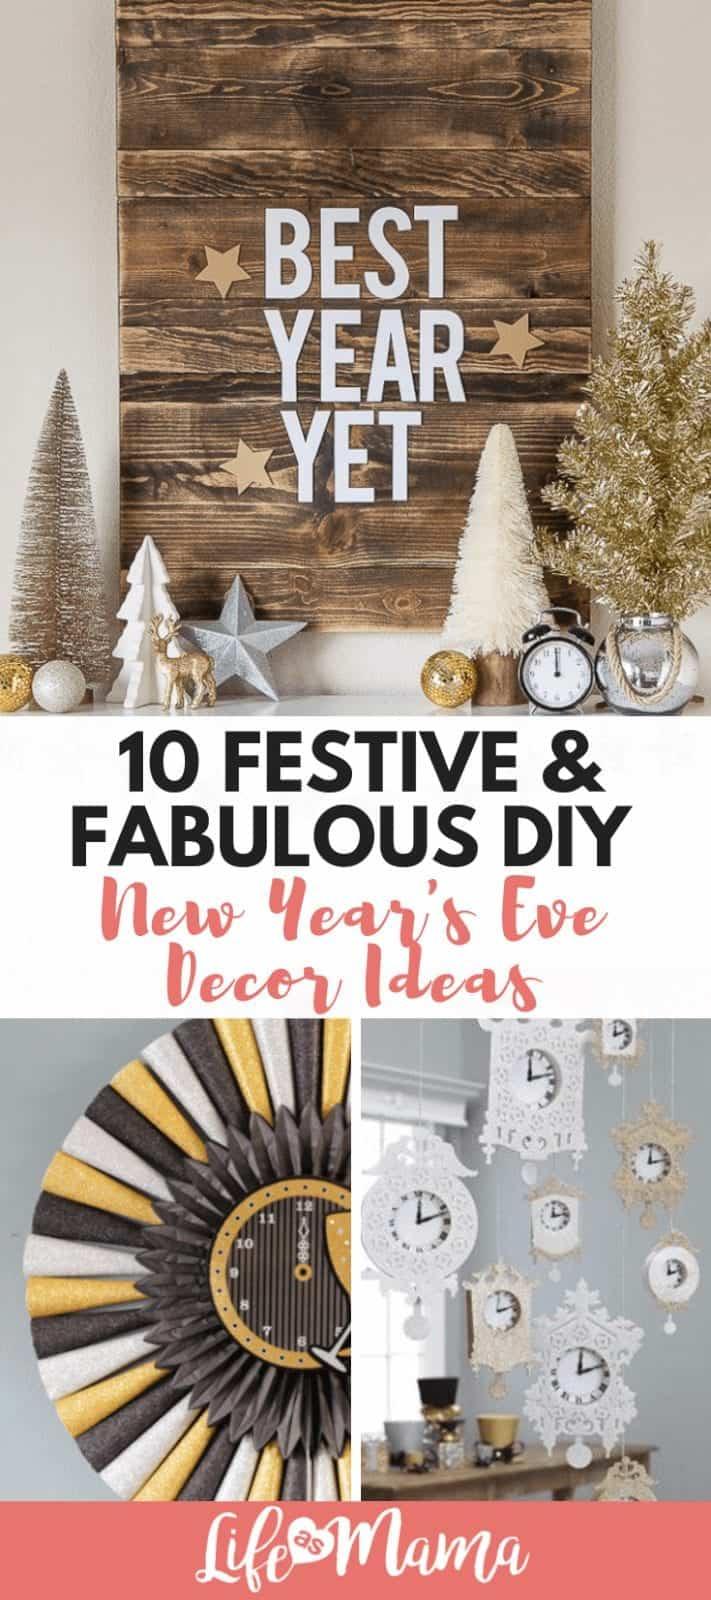 10 Festive & Fabulous DIY New Year's Eve Decor Ideas